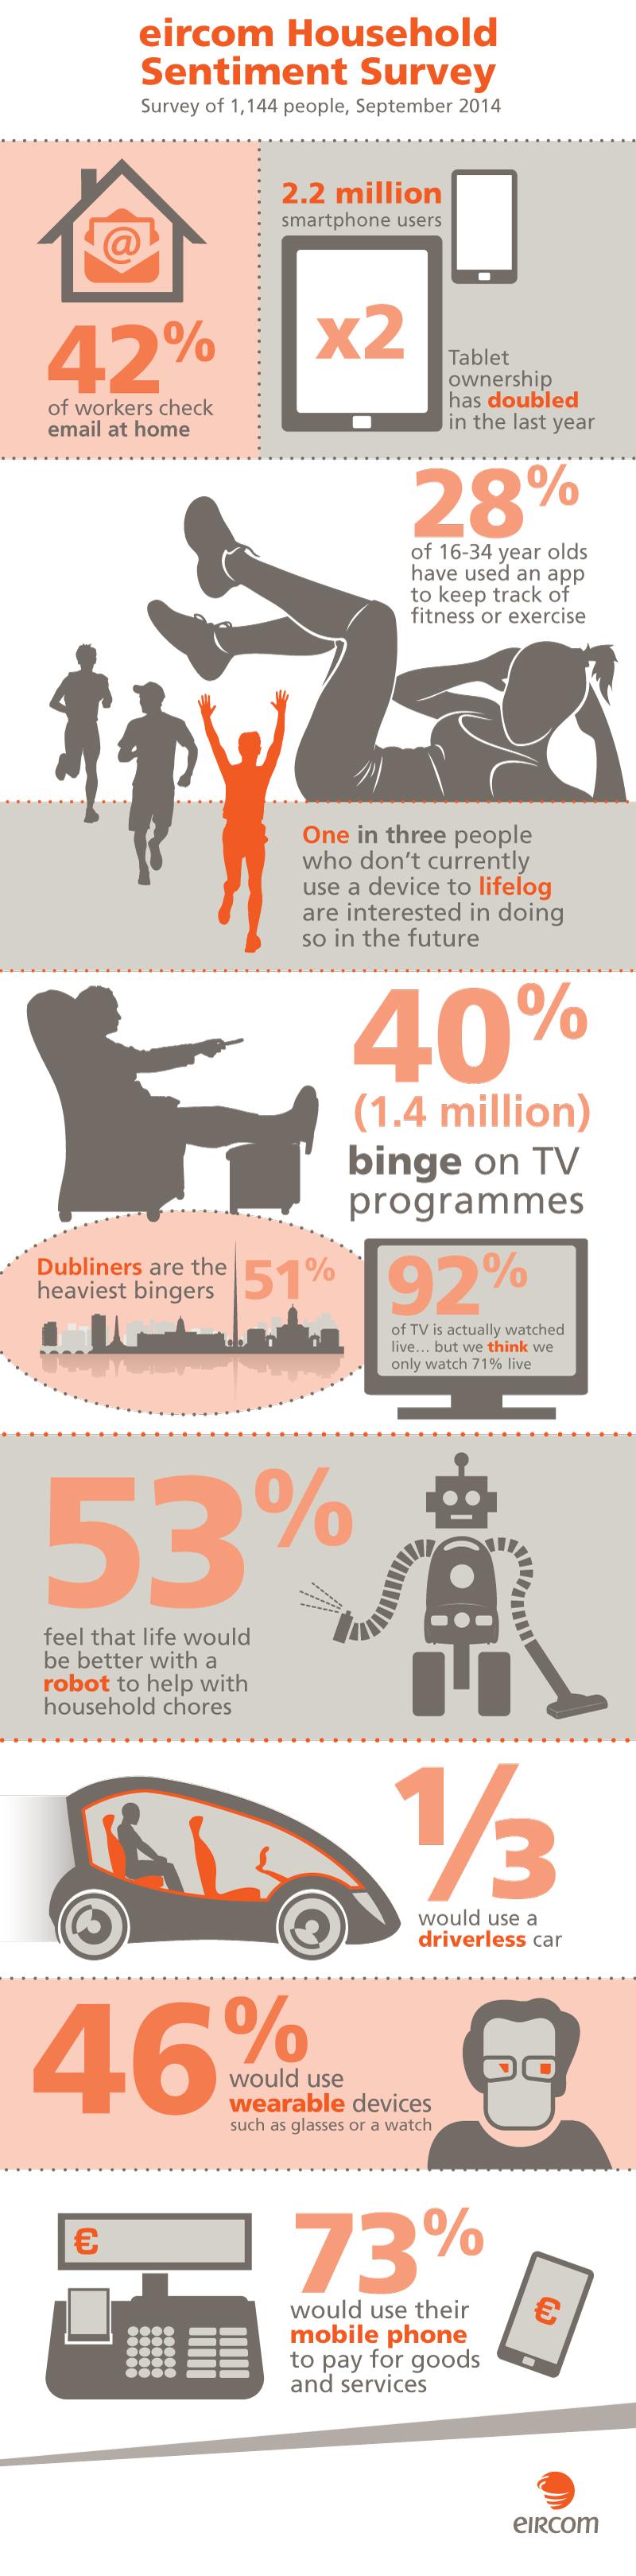 eHSS Infographic, Sept 2014